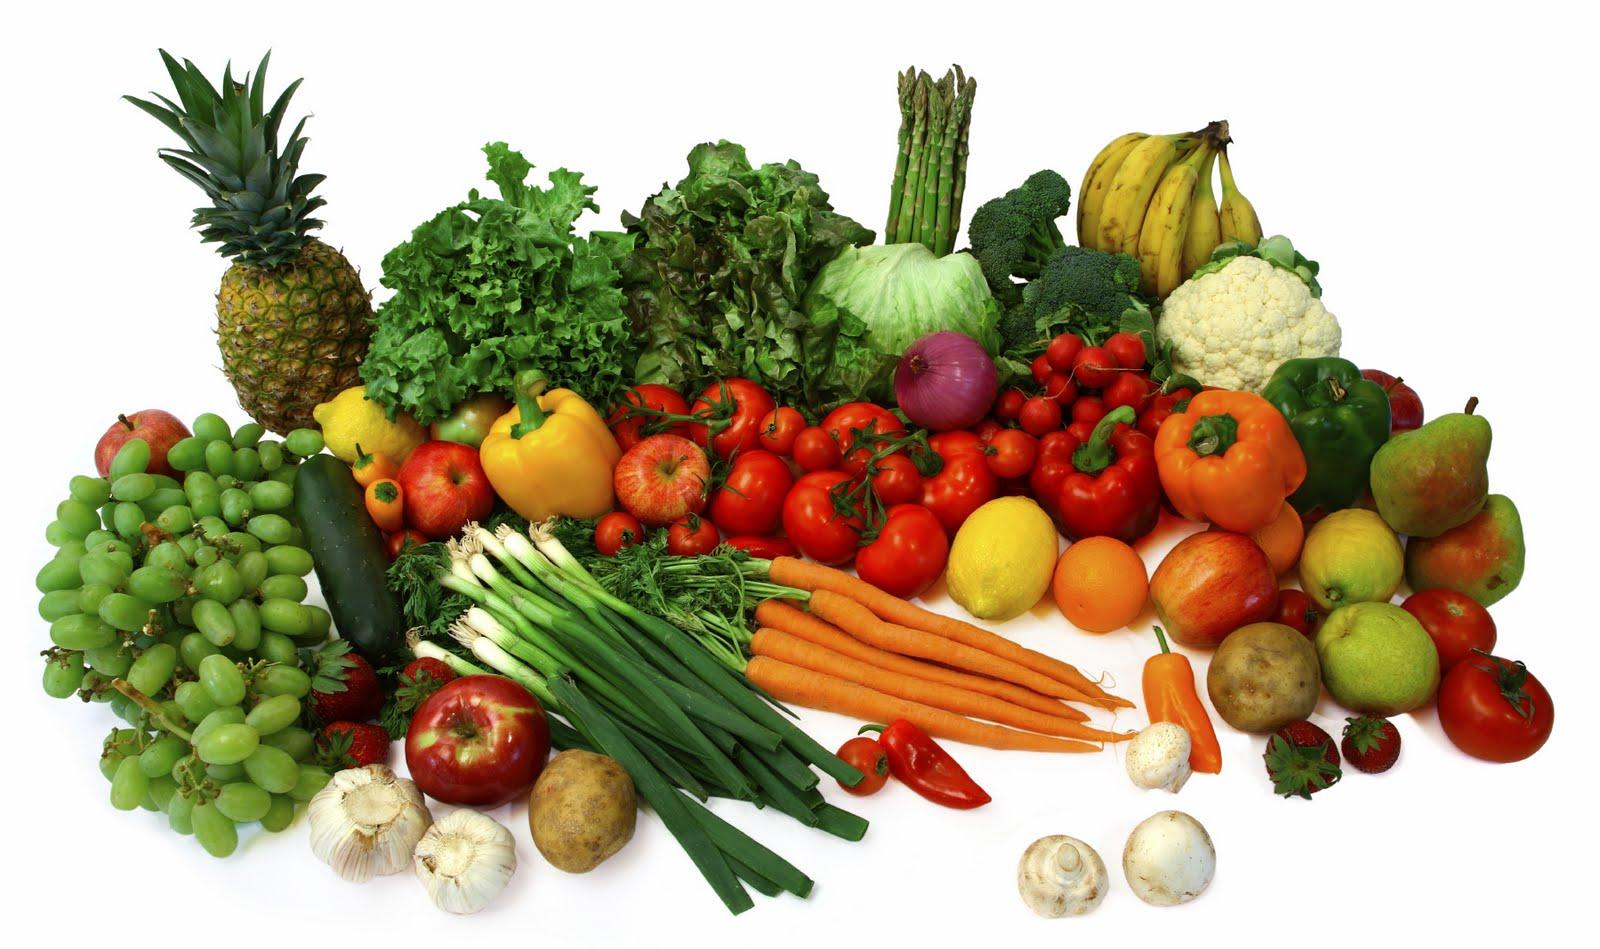 frutas y verduras5